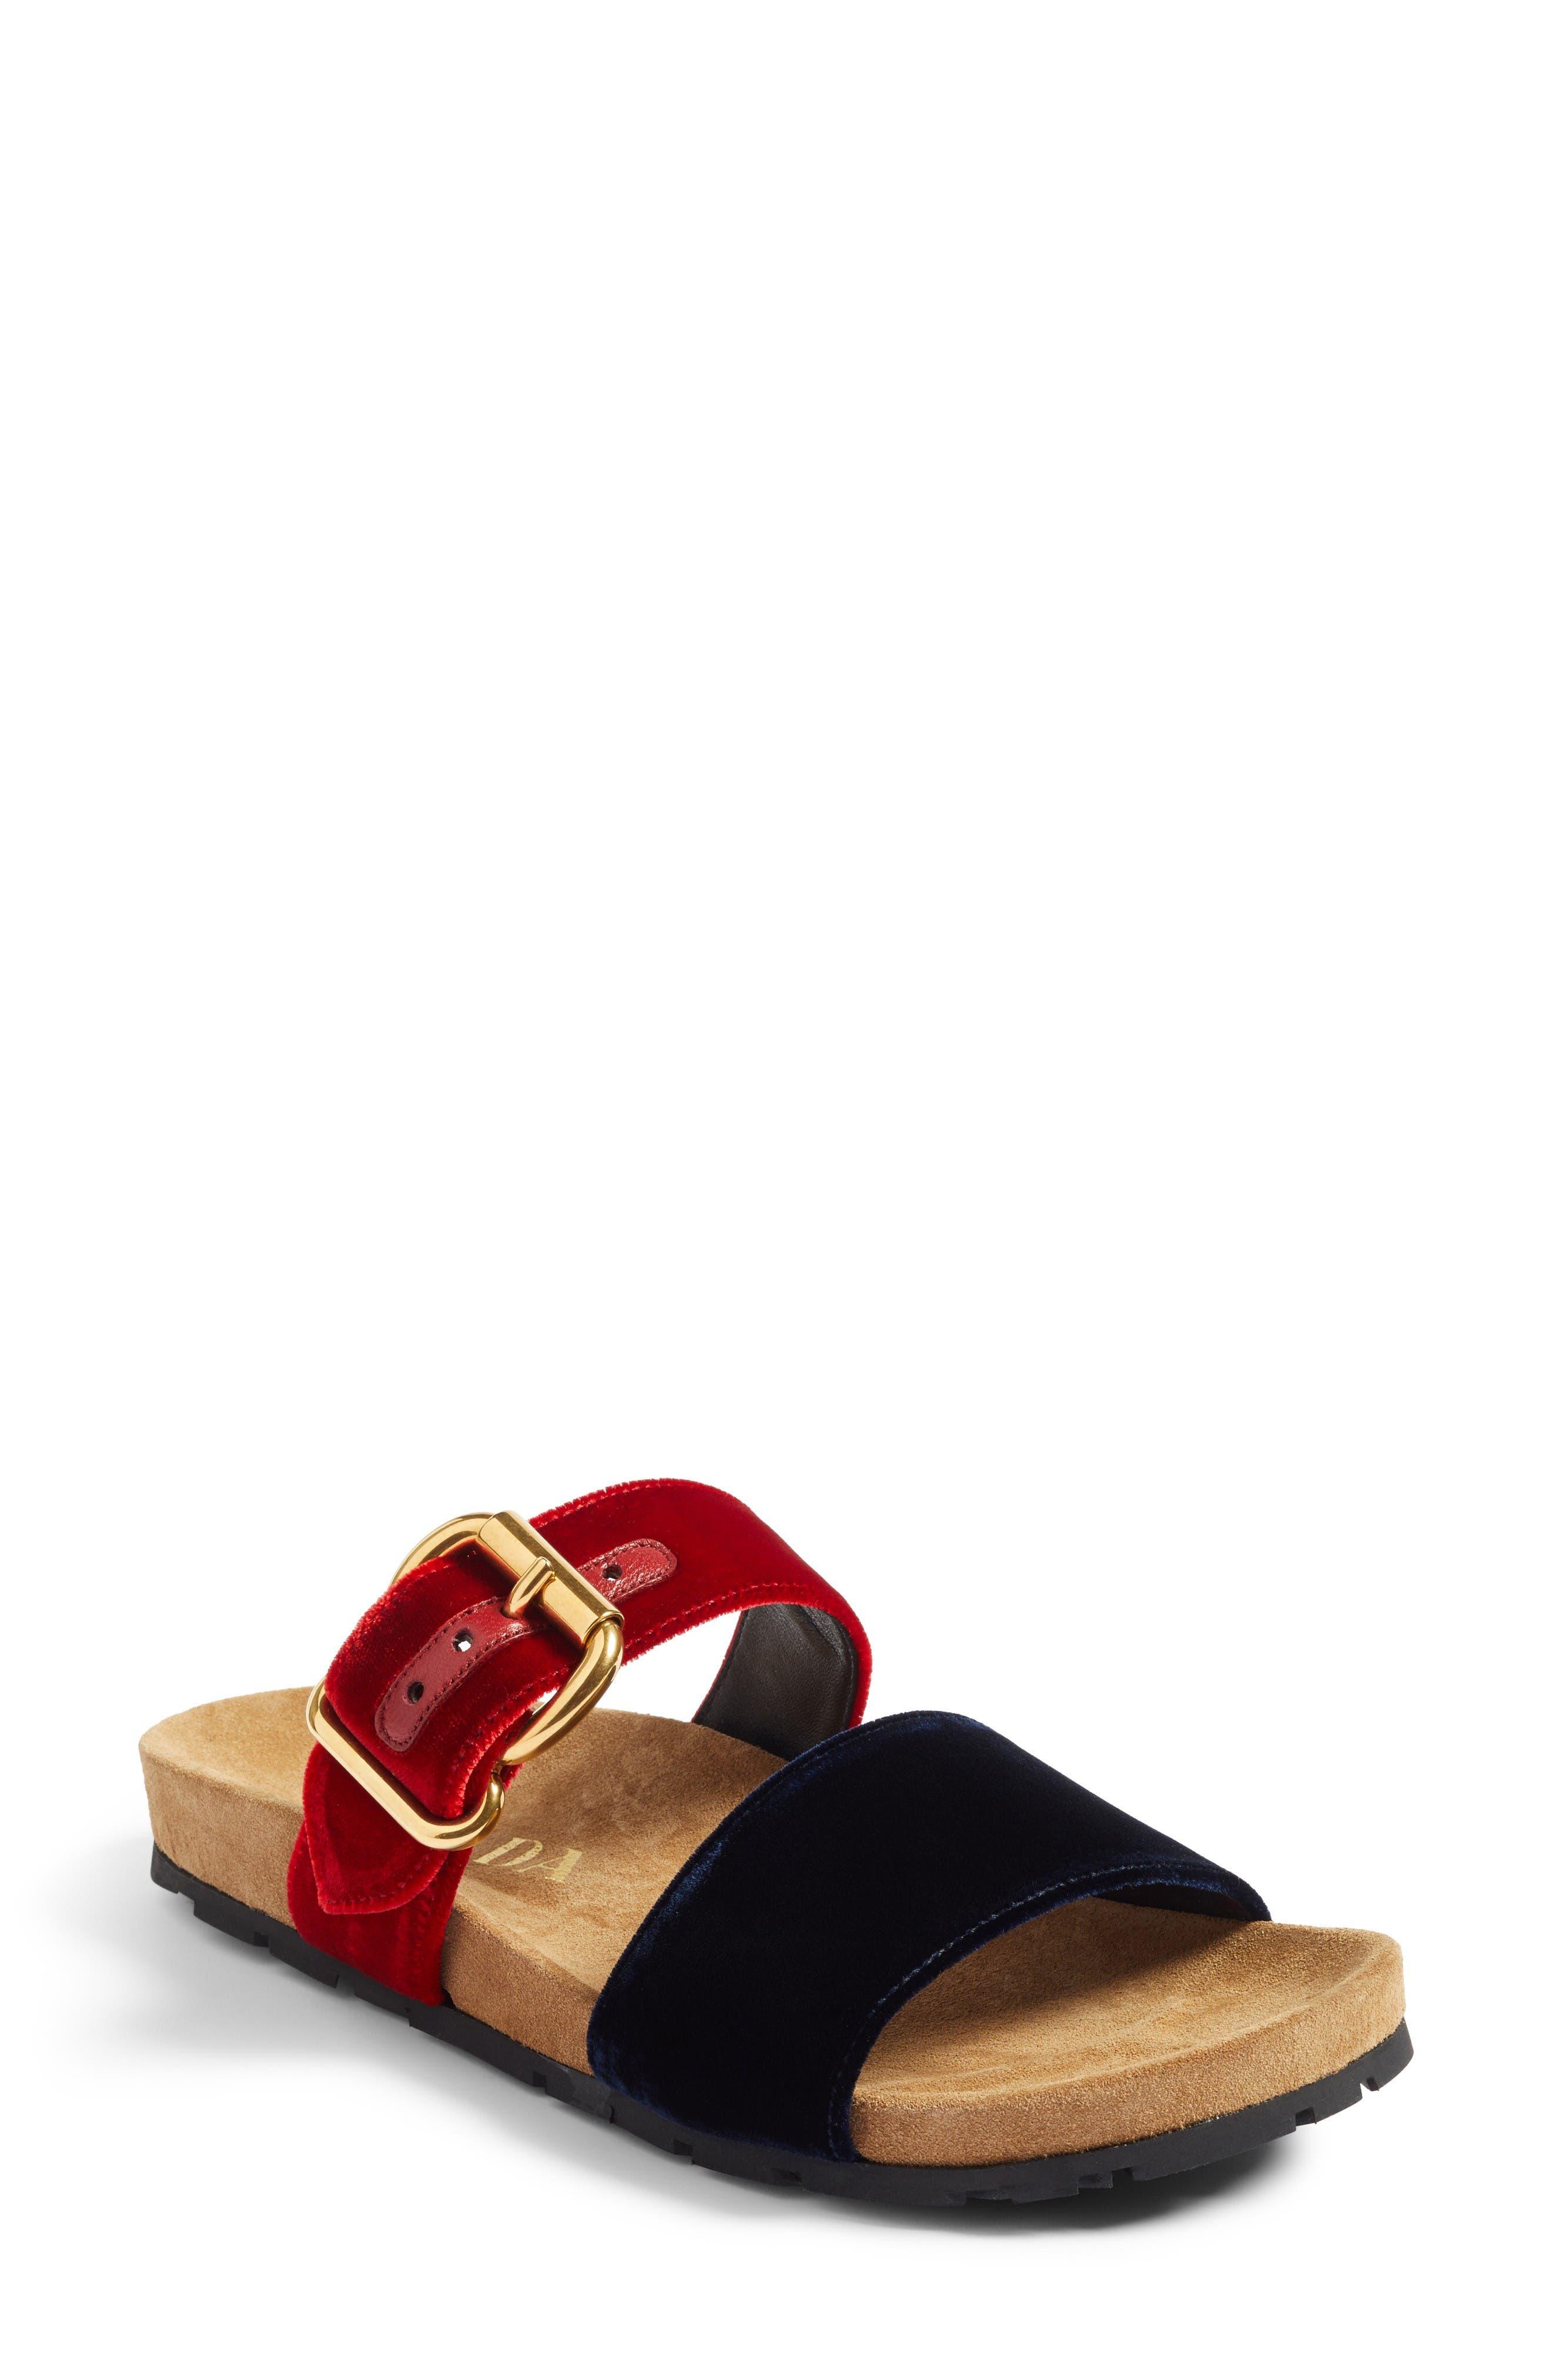 Alternate Image 1 Selected - Prada Double Band Slide Sandal (Women)